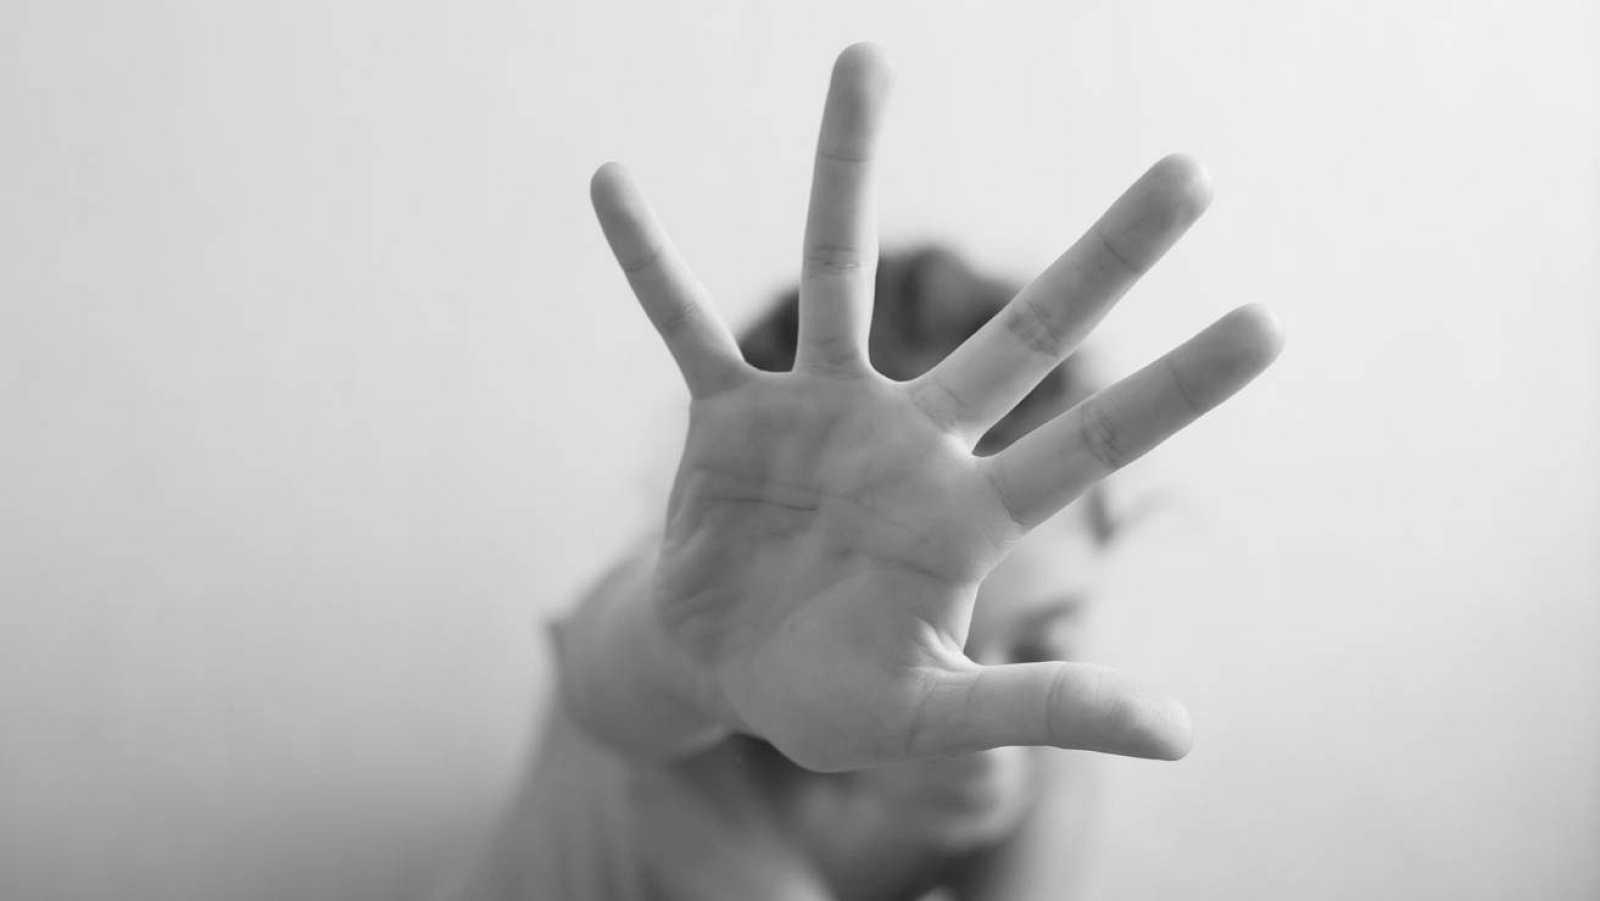 14 horas - Violencia de género: disminuye el número de víctimas y se disparan las llamadas de auxilio - Escuchar ahora